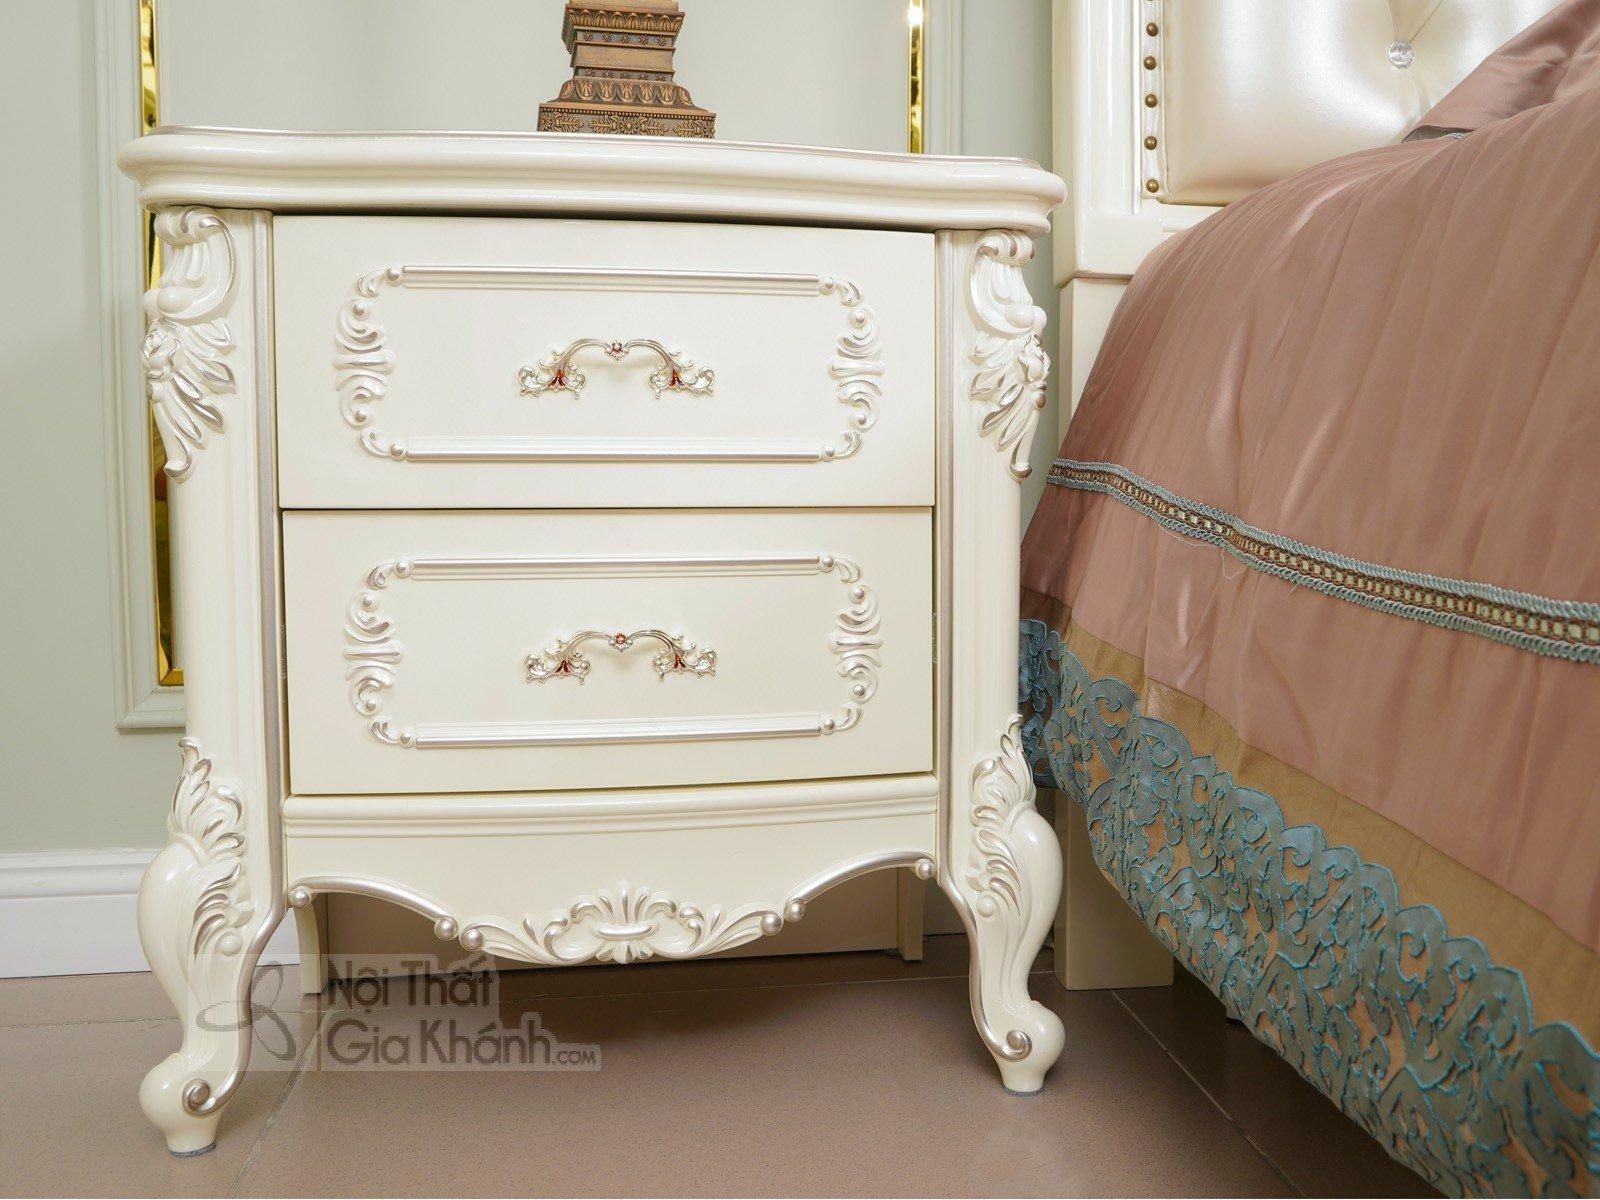 Táp đầu giường phong cách Pháp H8802B - tap dau giuong tan co dien H8802B 580x400x603